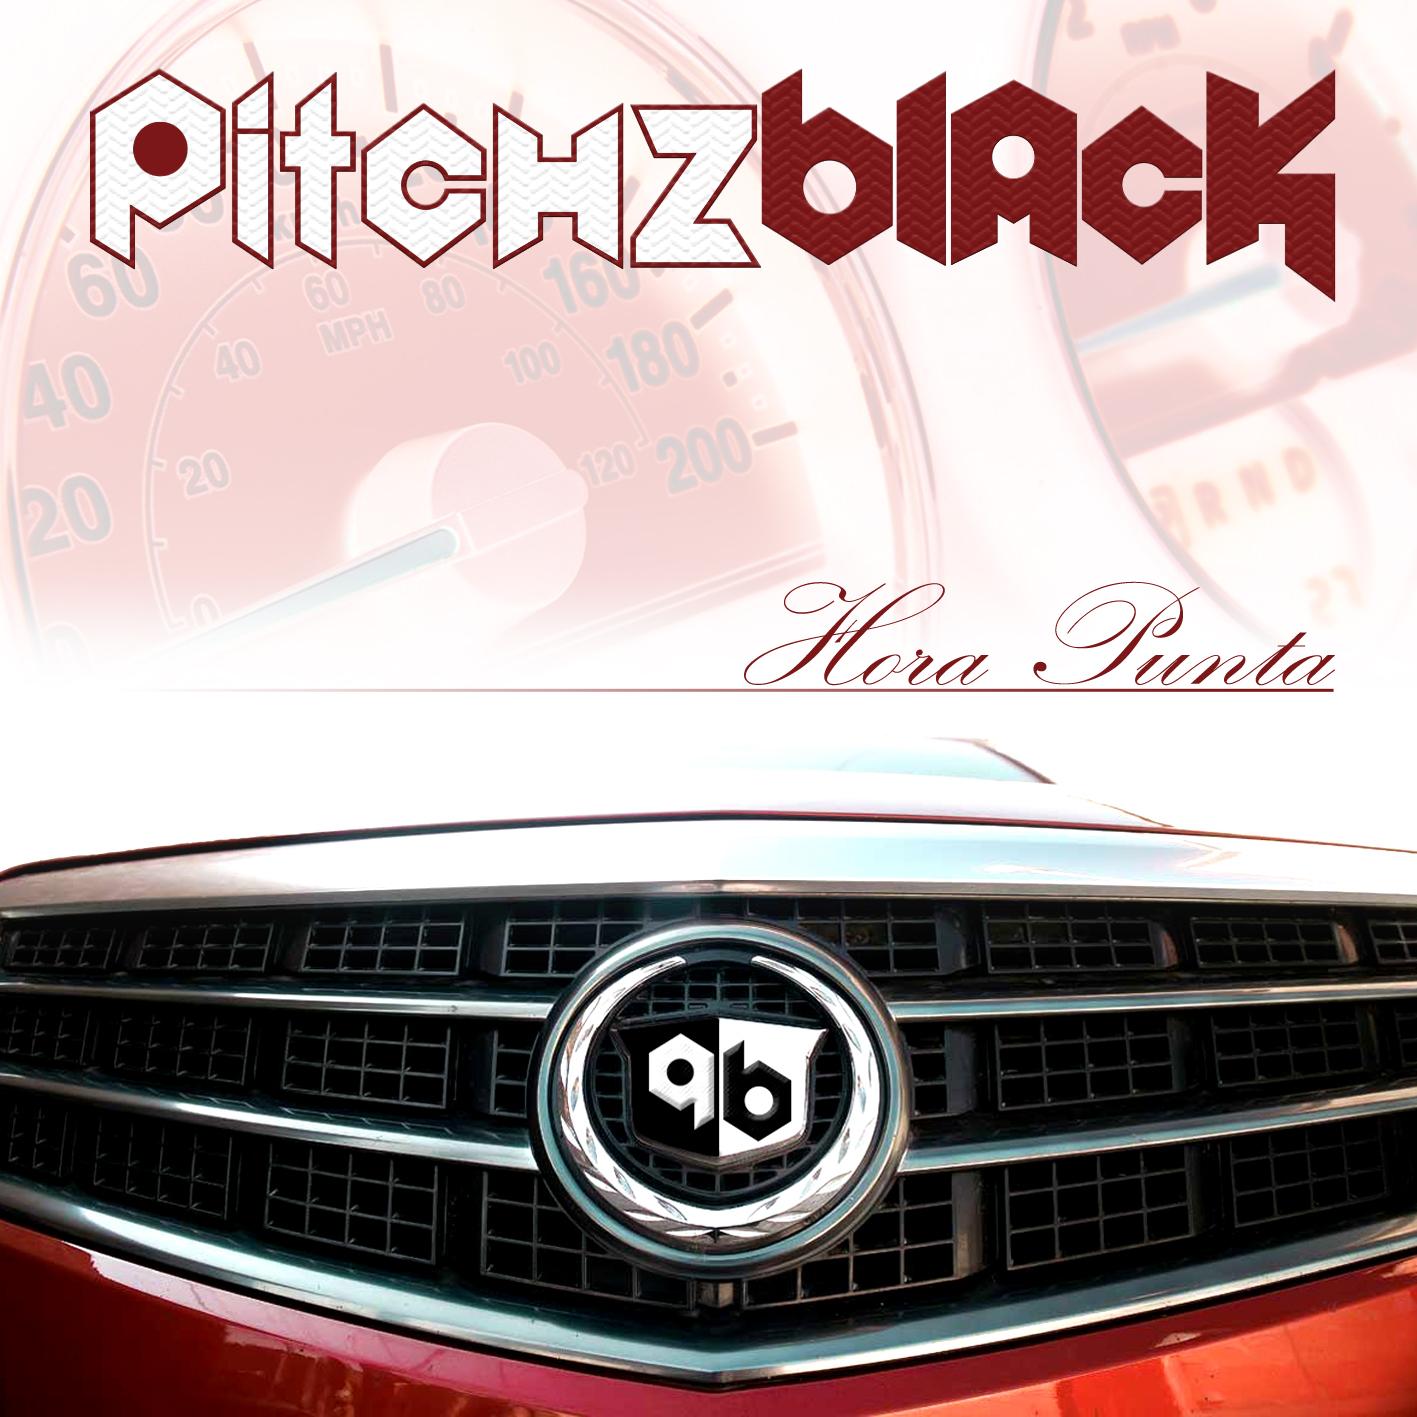 Portada_pitchzblack_-_hora_punta_